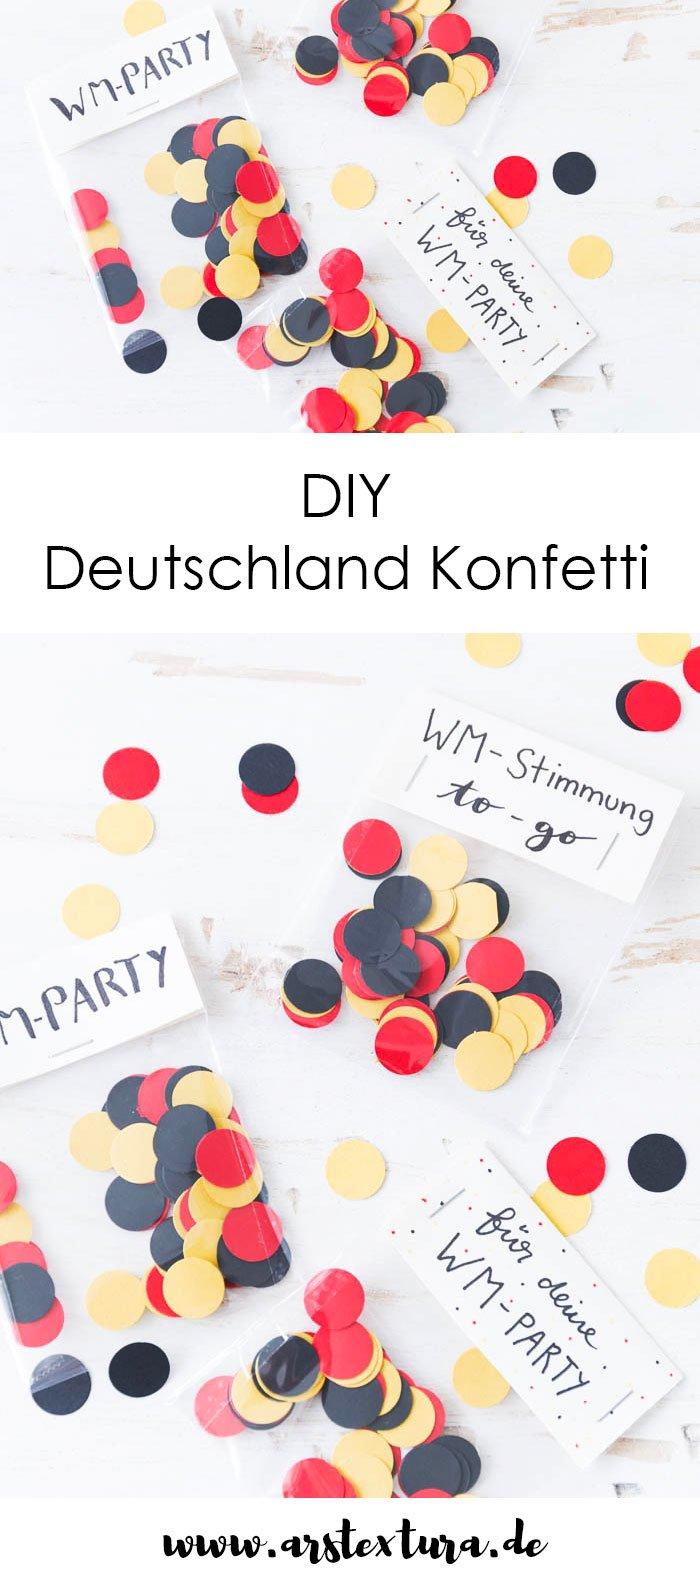 DIY Deutschland Konfetti in schwarz-rot-gold ist das perfekte Mitbringsel zu deiner WM-Party und eine tolle Bastelidee für deine Fußball-Party - so kann die WM kommen | ars textura - DIY-Blog